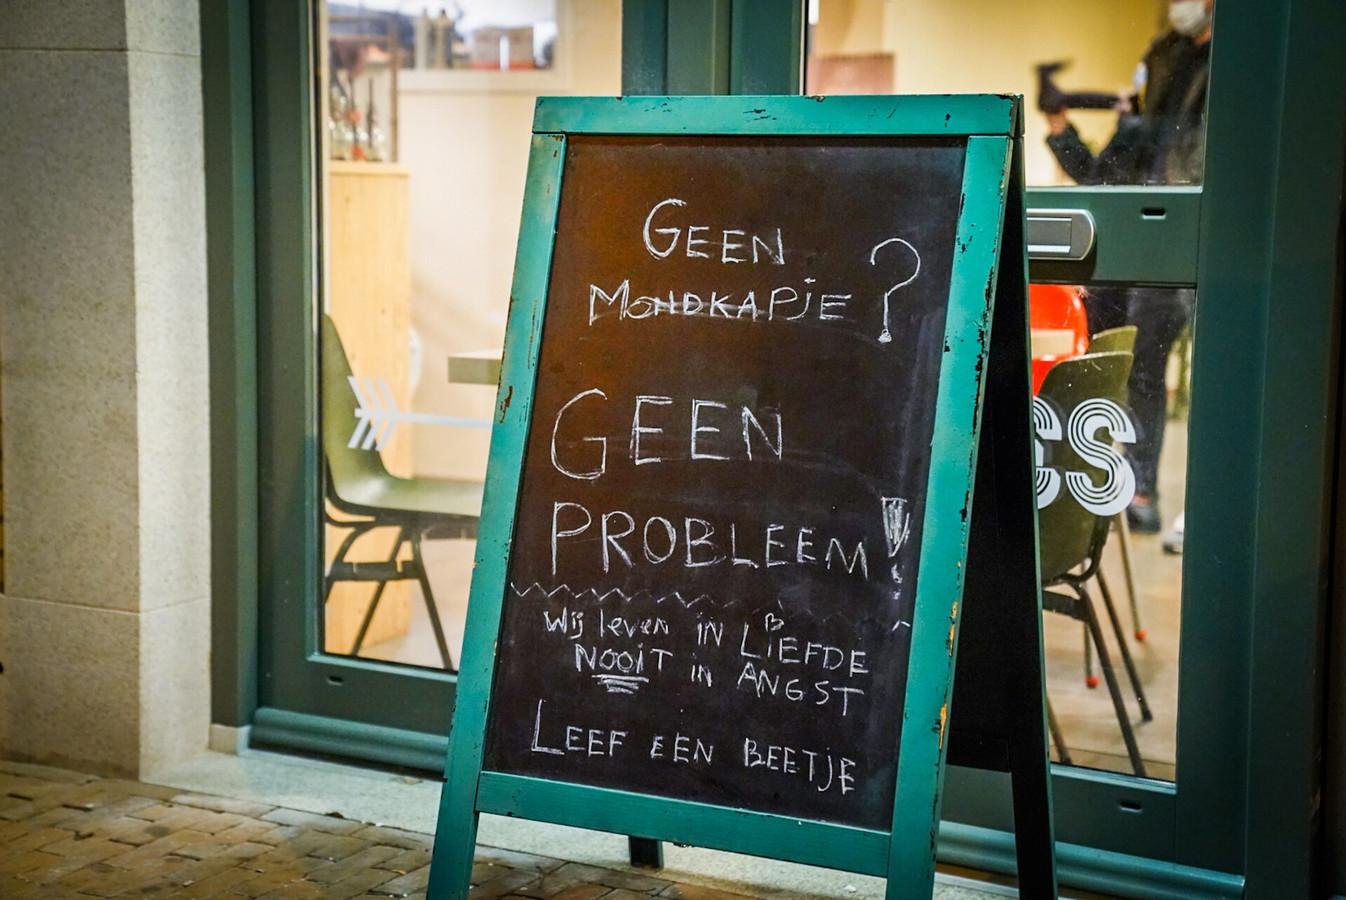 Restaurant De Kiet in Eindhoven hield zich bewust niet aan de coronamaatregelen. Tot de politie voor de deur stond.